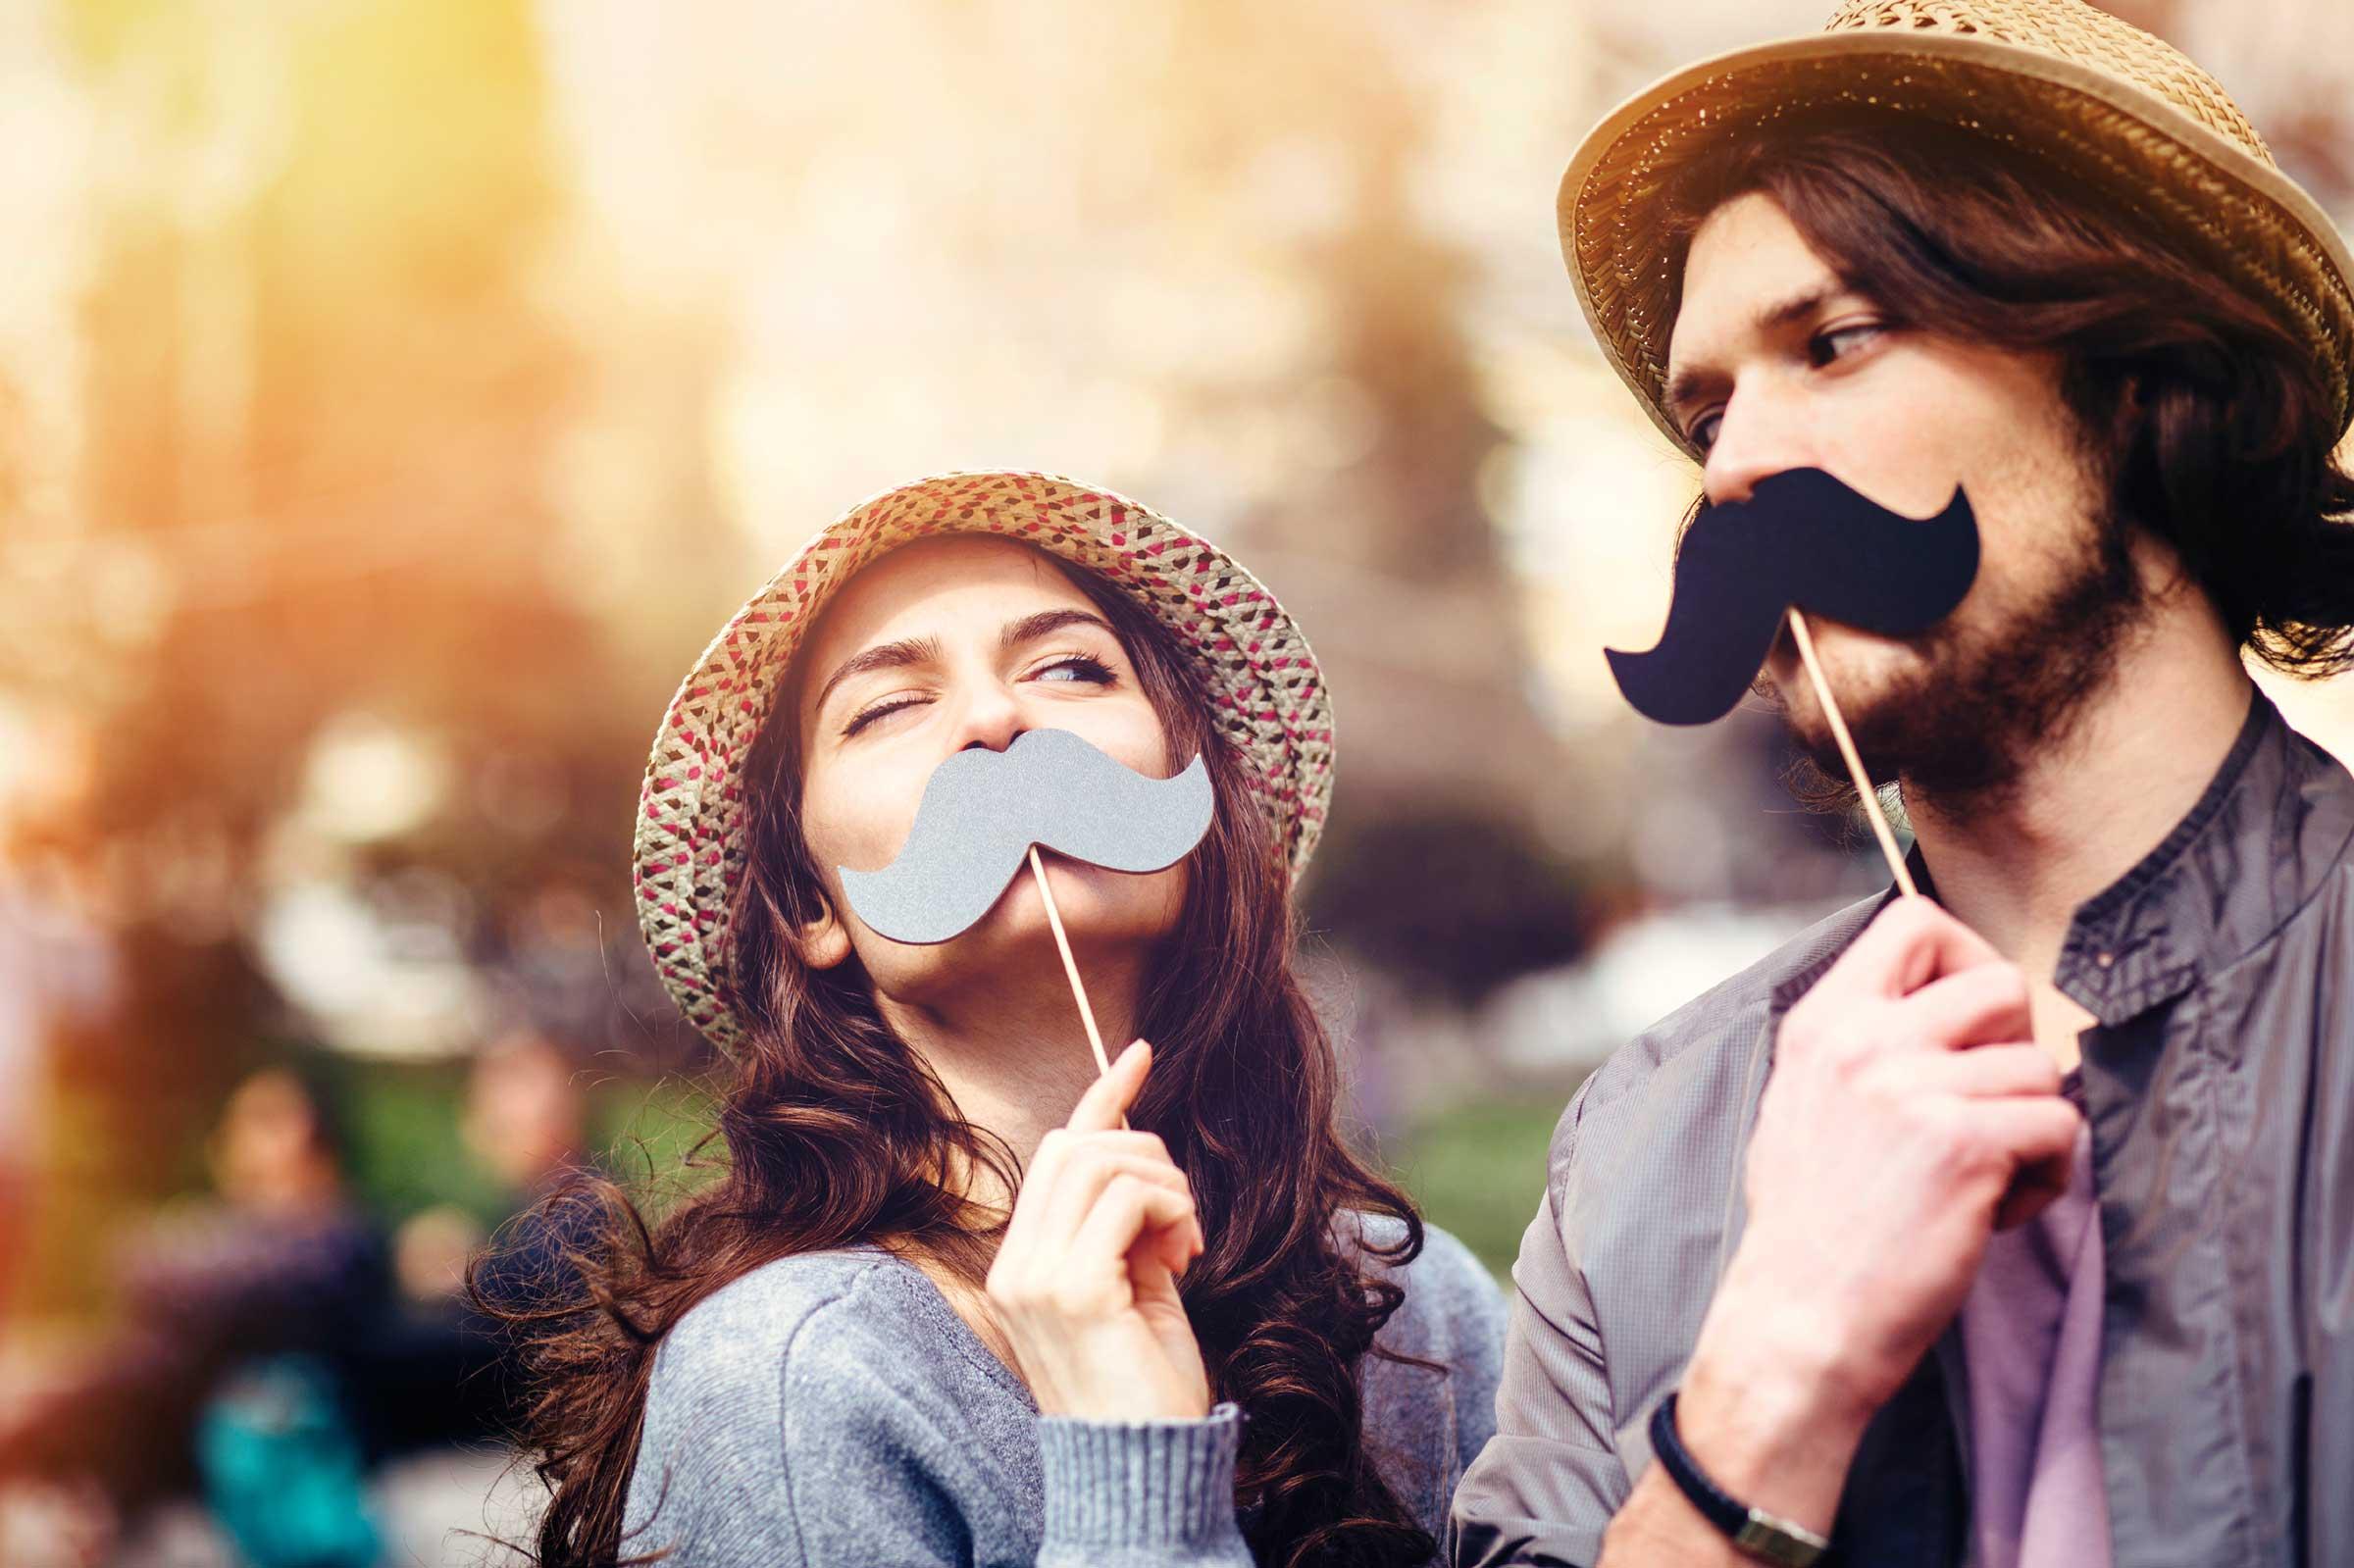 بالصور صور رومنسيه نار , اروع صور الحب الرومانسية 3585 6